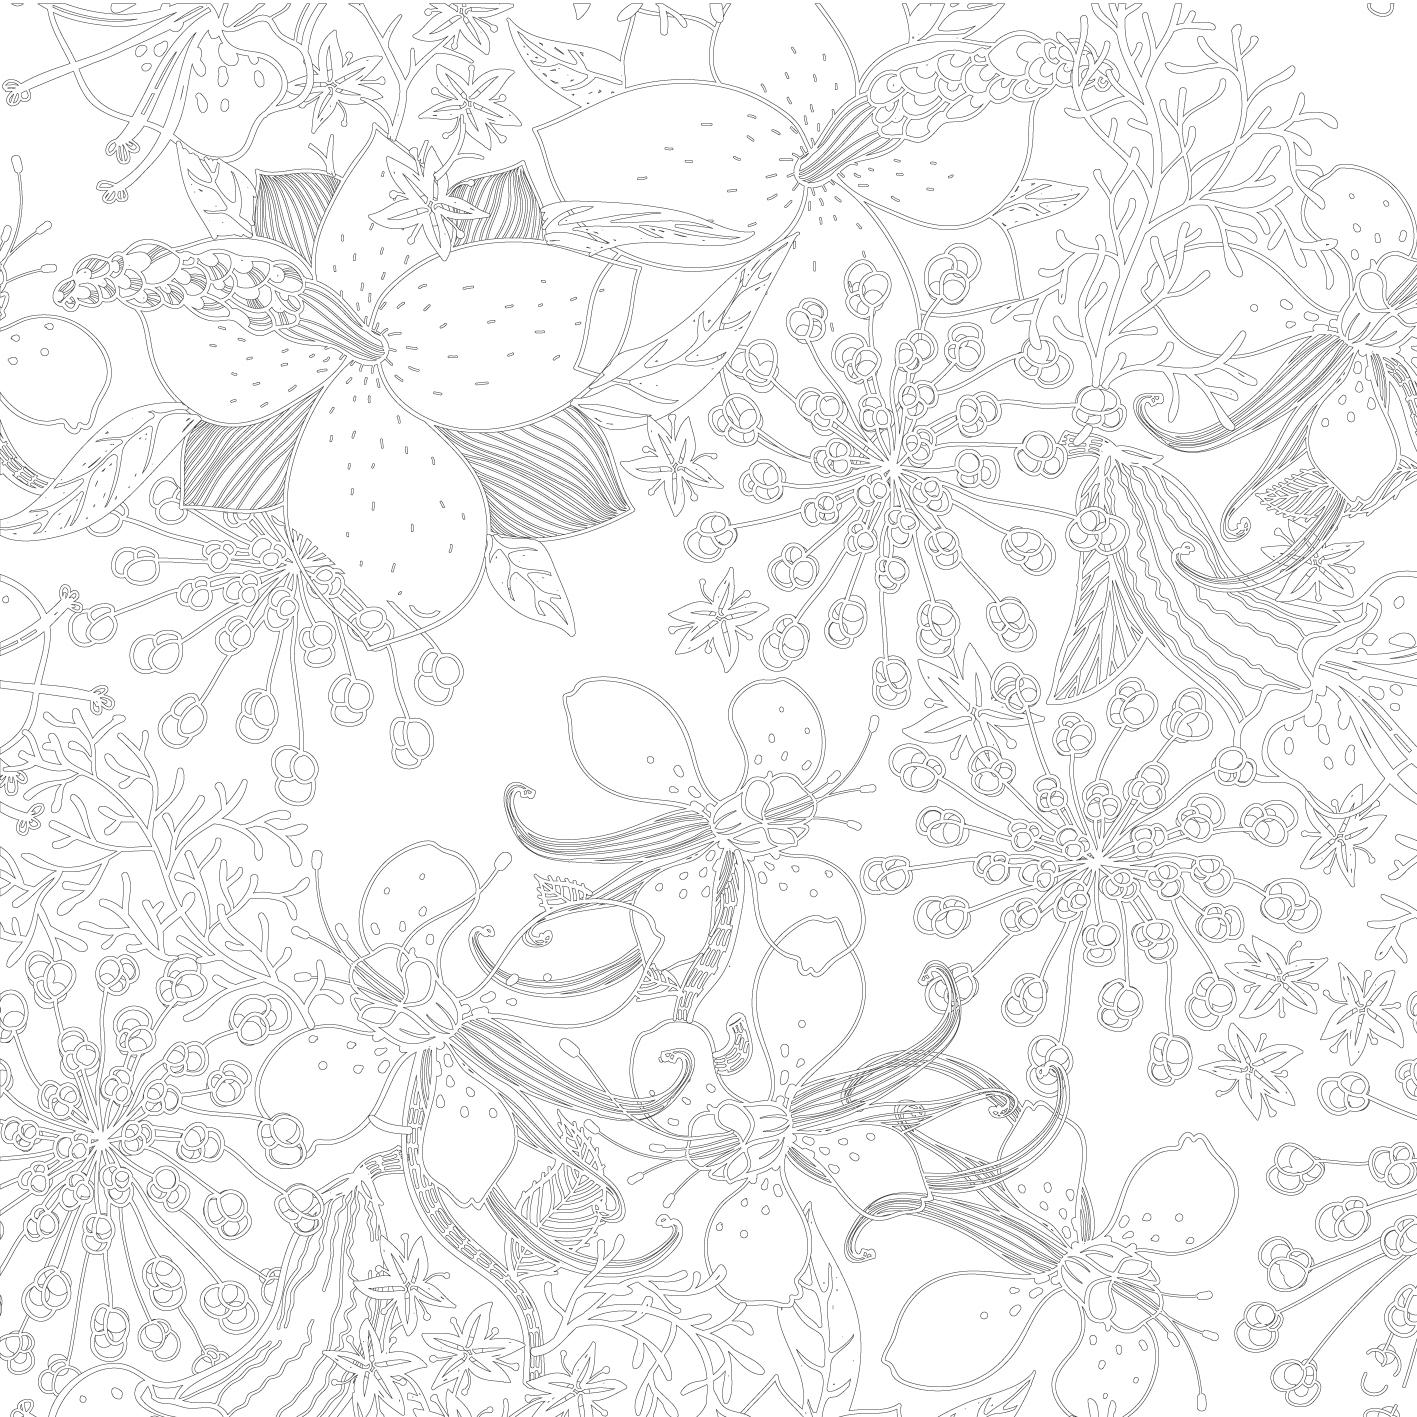 41 dessins de coloriage inspiration zen imprimer sur - Coloriage zen a imprimer ...